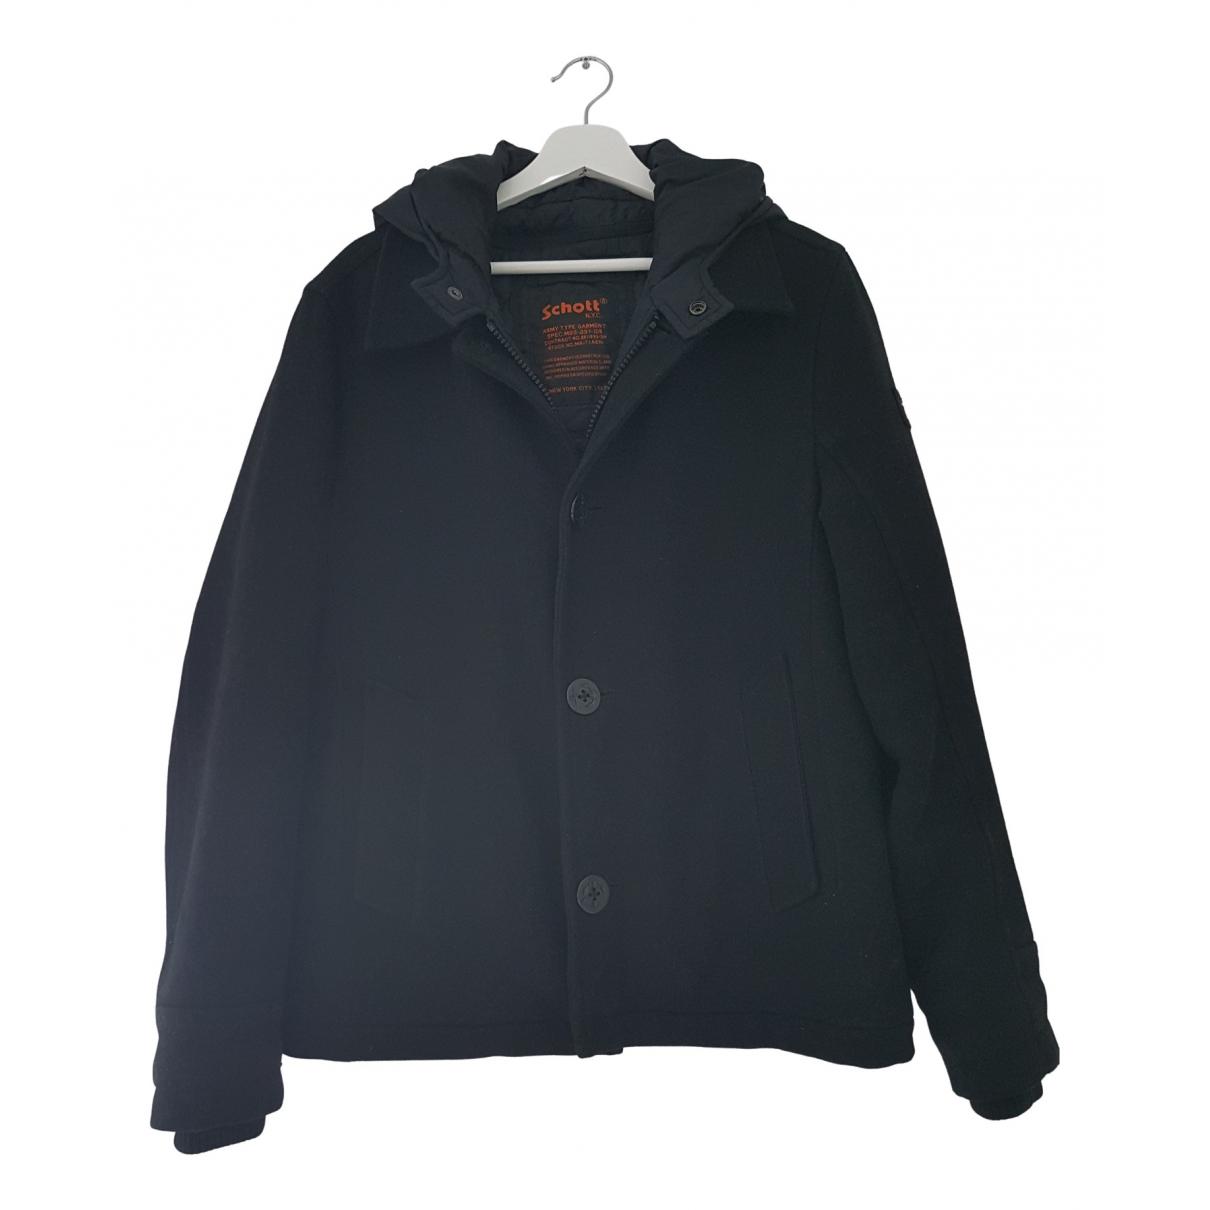 Schott \N Jacke in  Schwarz Wolle